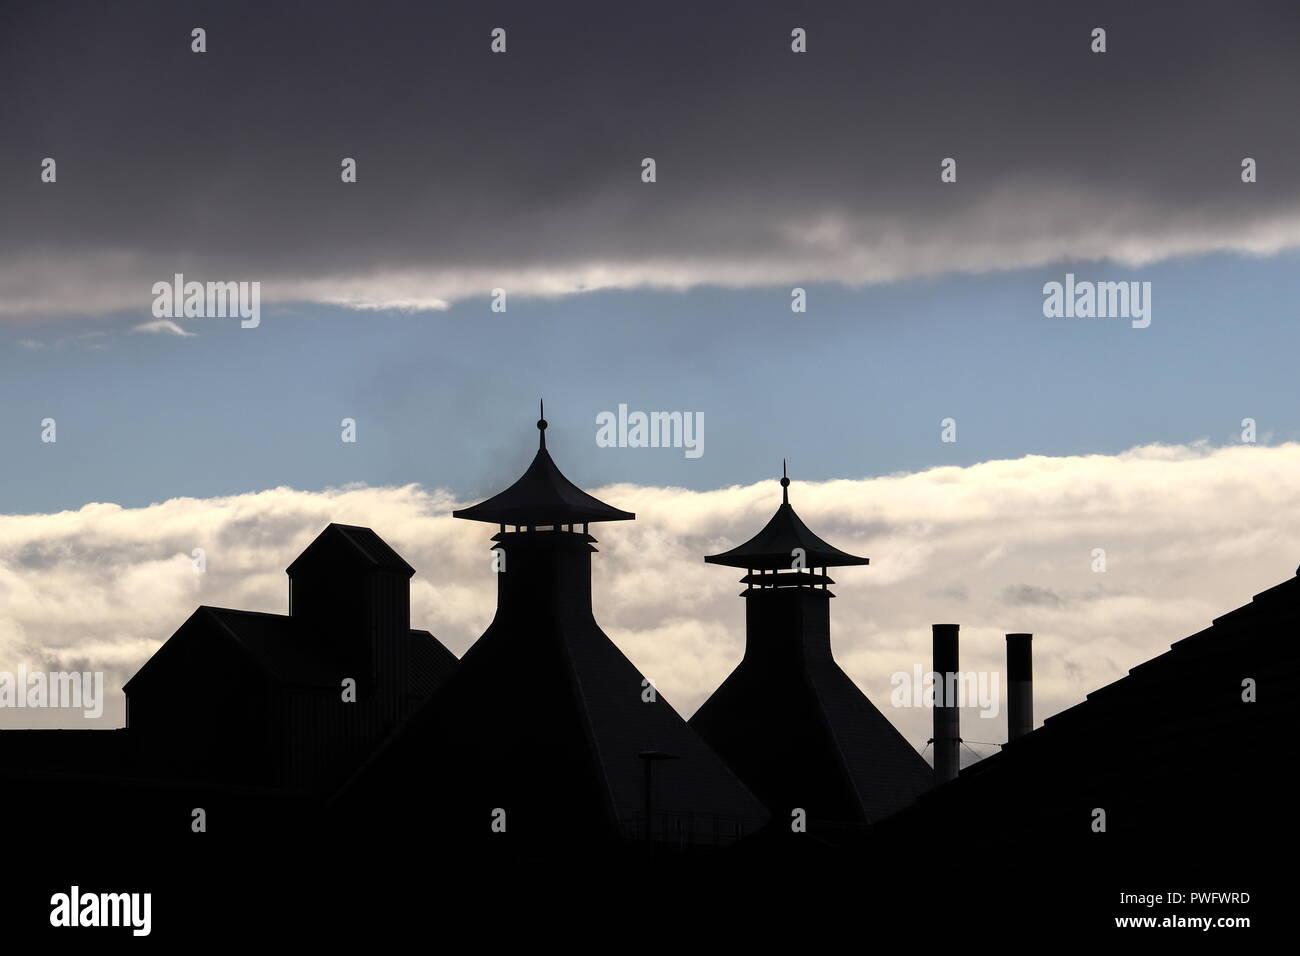 Les deux fours au Highland Park Distillery dans les Orcades, en Écosse, reconnaissables à leurs chapeaux en forme de pagode silhouetté contre le ciel bleu, les nuages. Banque D'Images